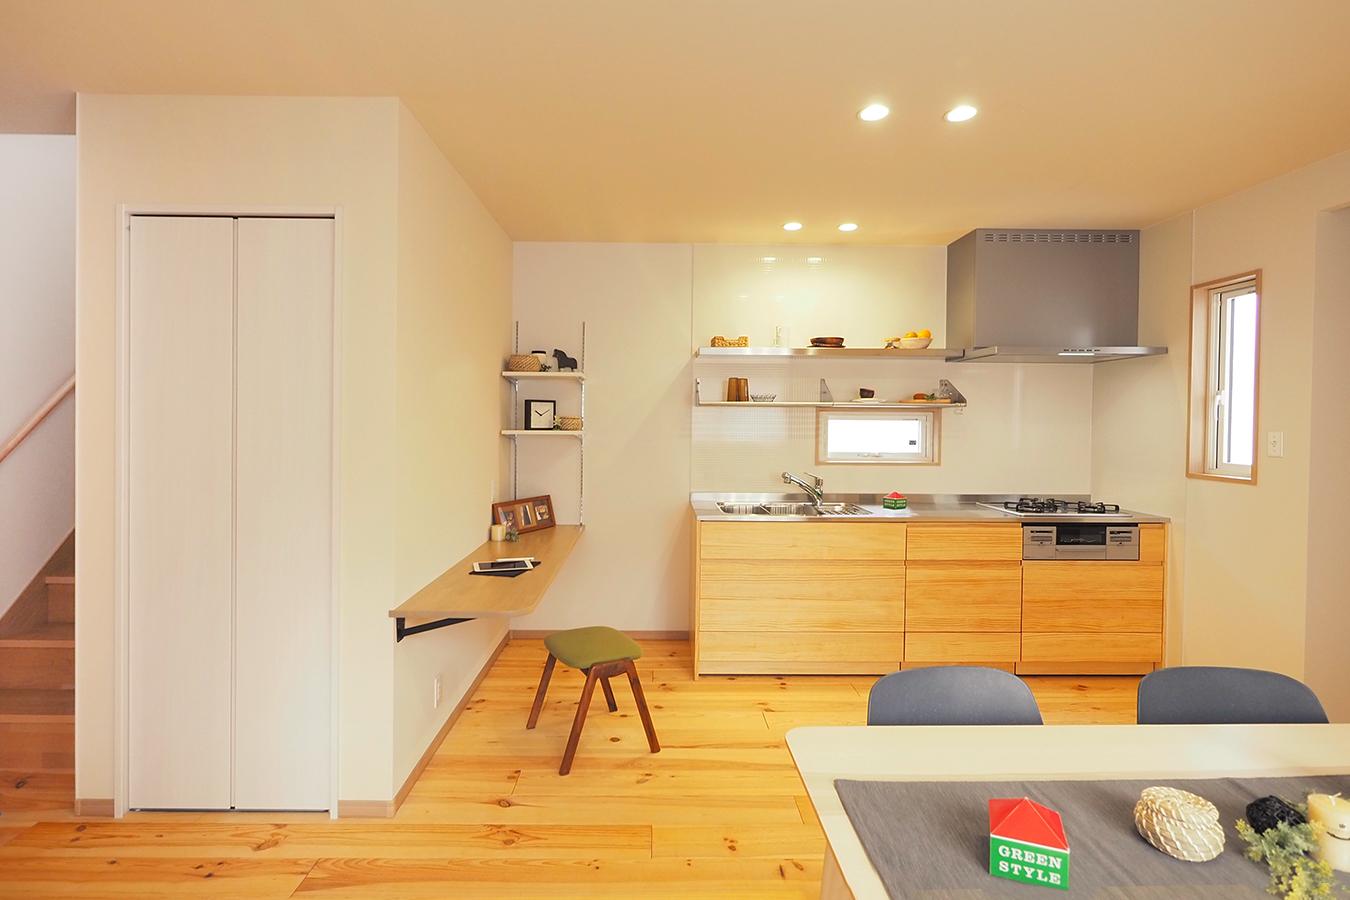 グリーンスタイル完成見学会 実家の敷地内に建てた自然素材の家 キッチン 奥さまこだわりのキッチン。小窓から差し込む光に輝くステンレスのキッチントップ。